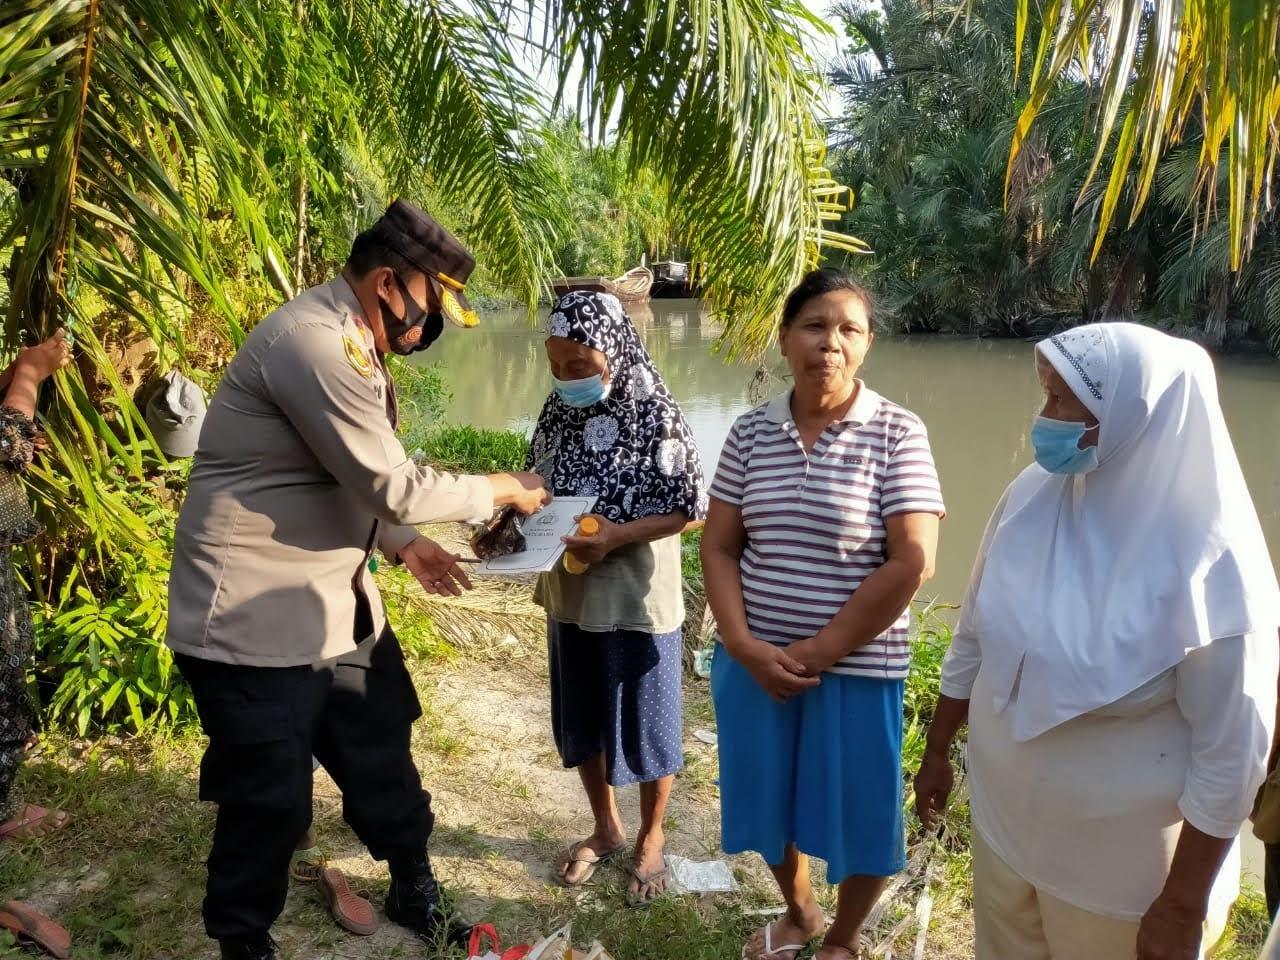 Kapolres Batu Bara Berikan Tali Asih dan Bantuan Sembako Kepada 7 Janda Pencari Udang di Sungai